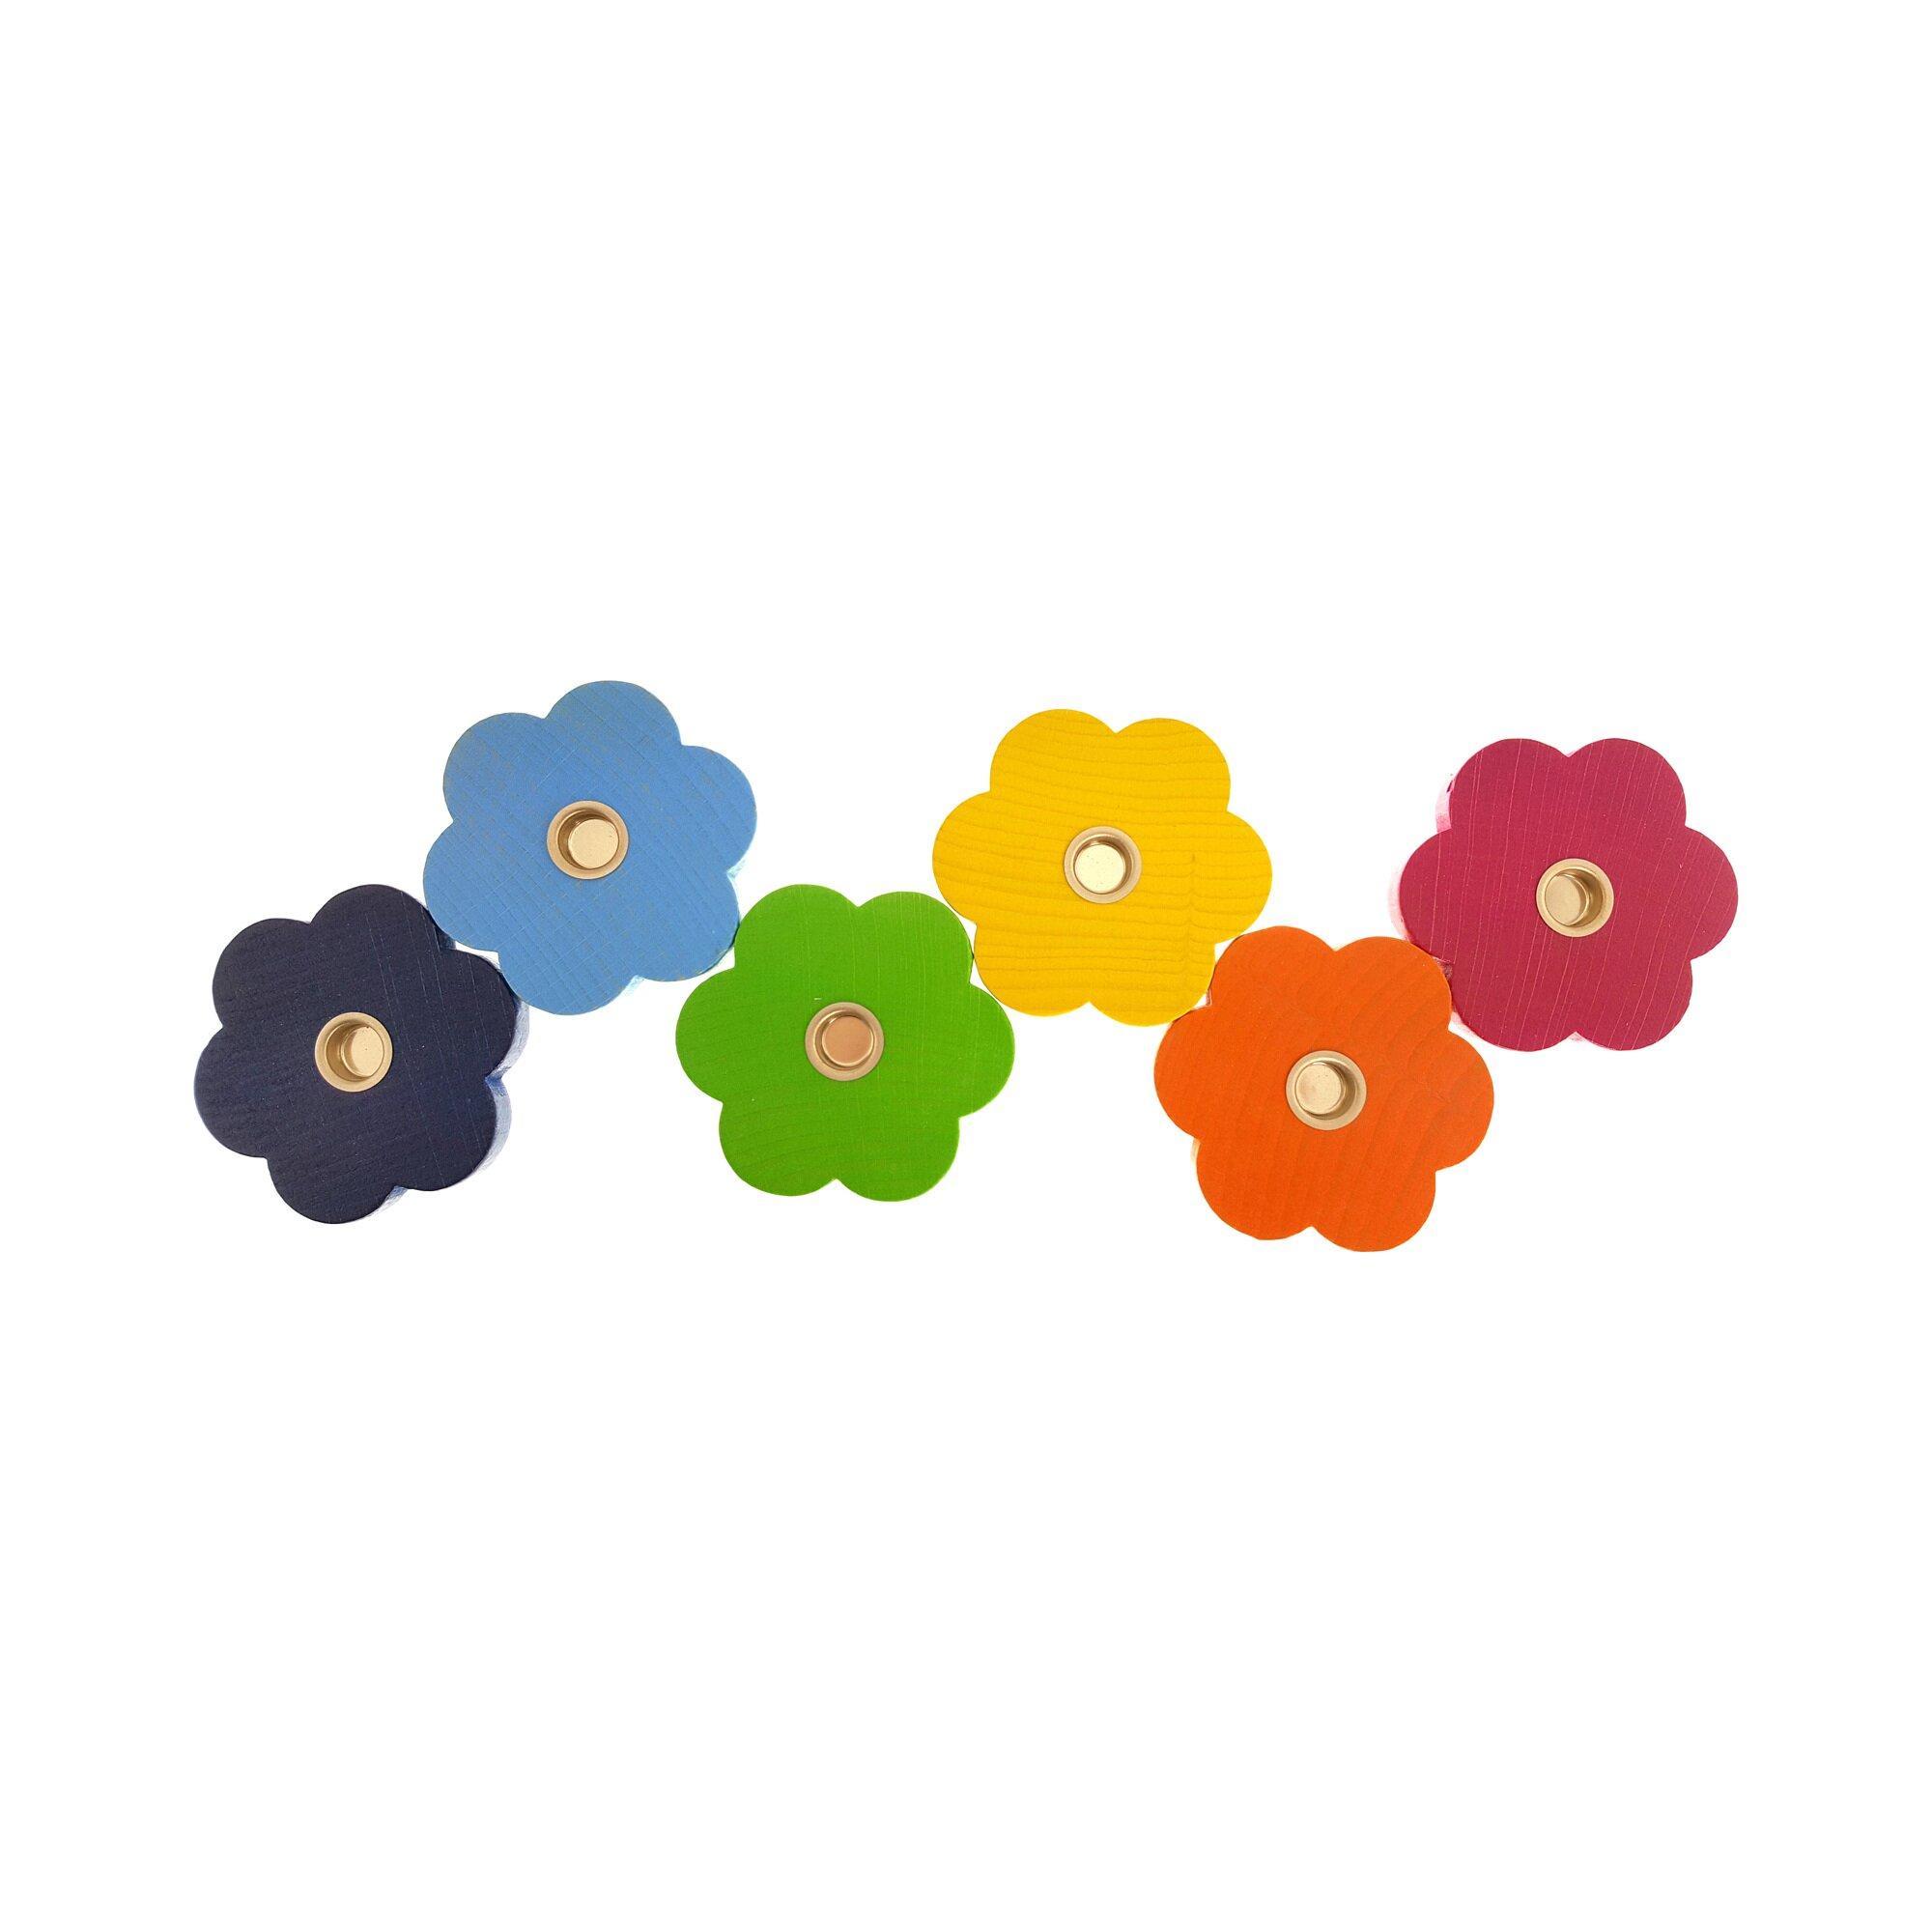 hess-spielzeug-geburtstagsblume-6er-set